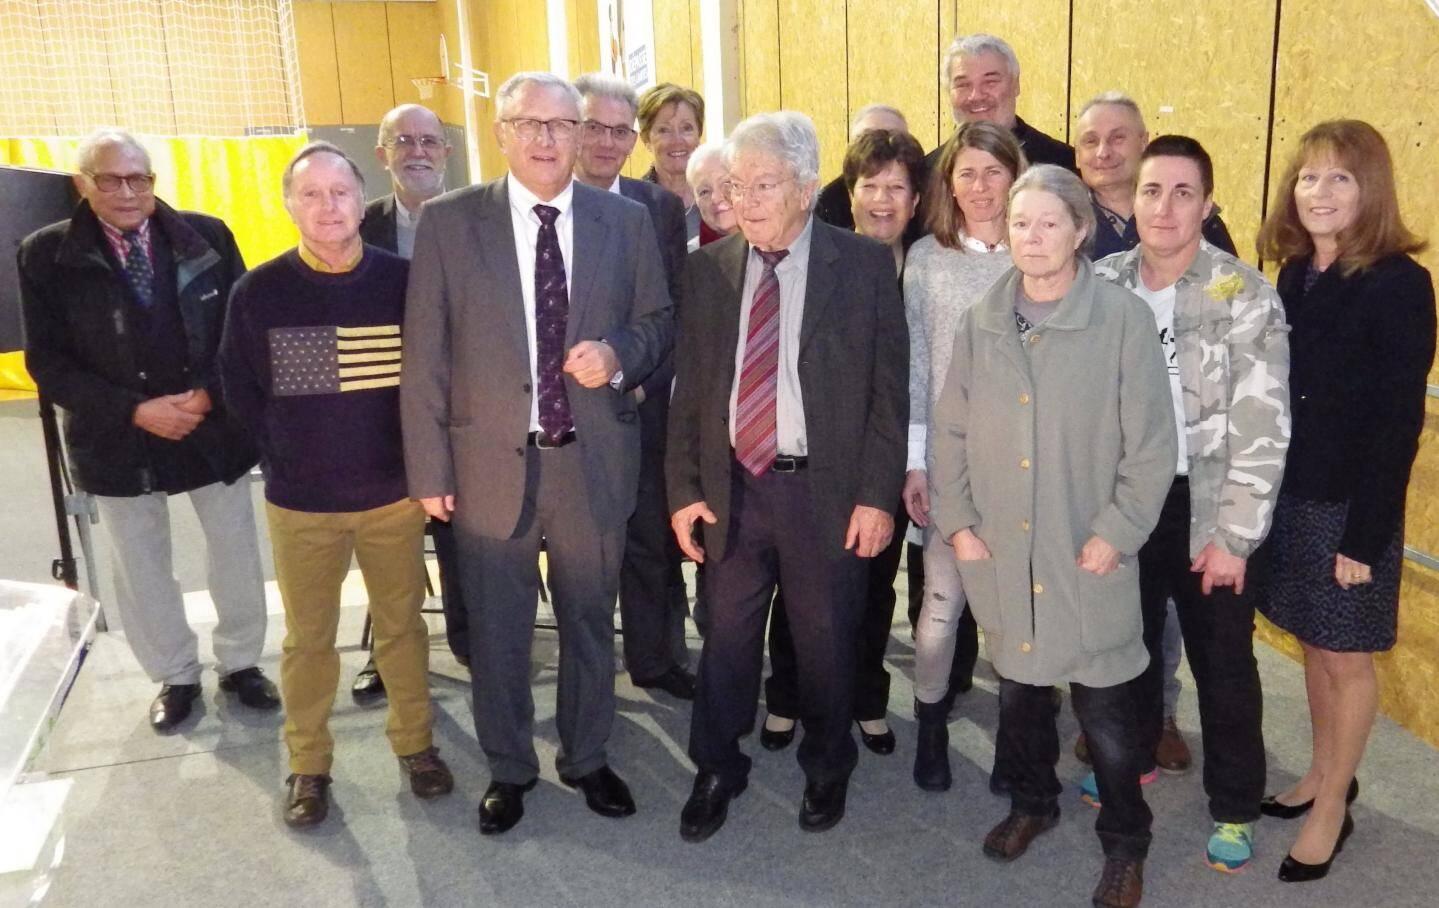 Le maire, Bernard Chilini entouré des membres de son conseil.